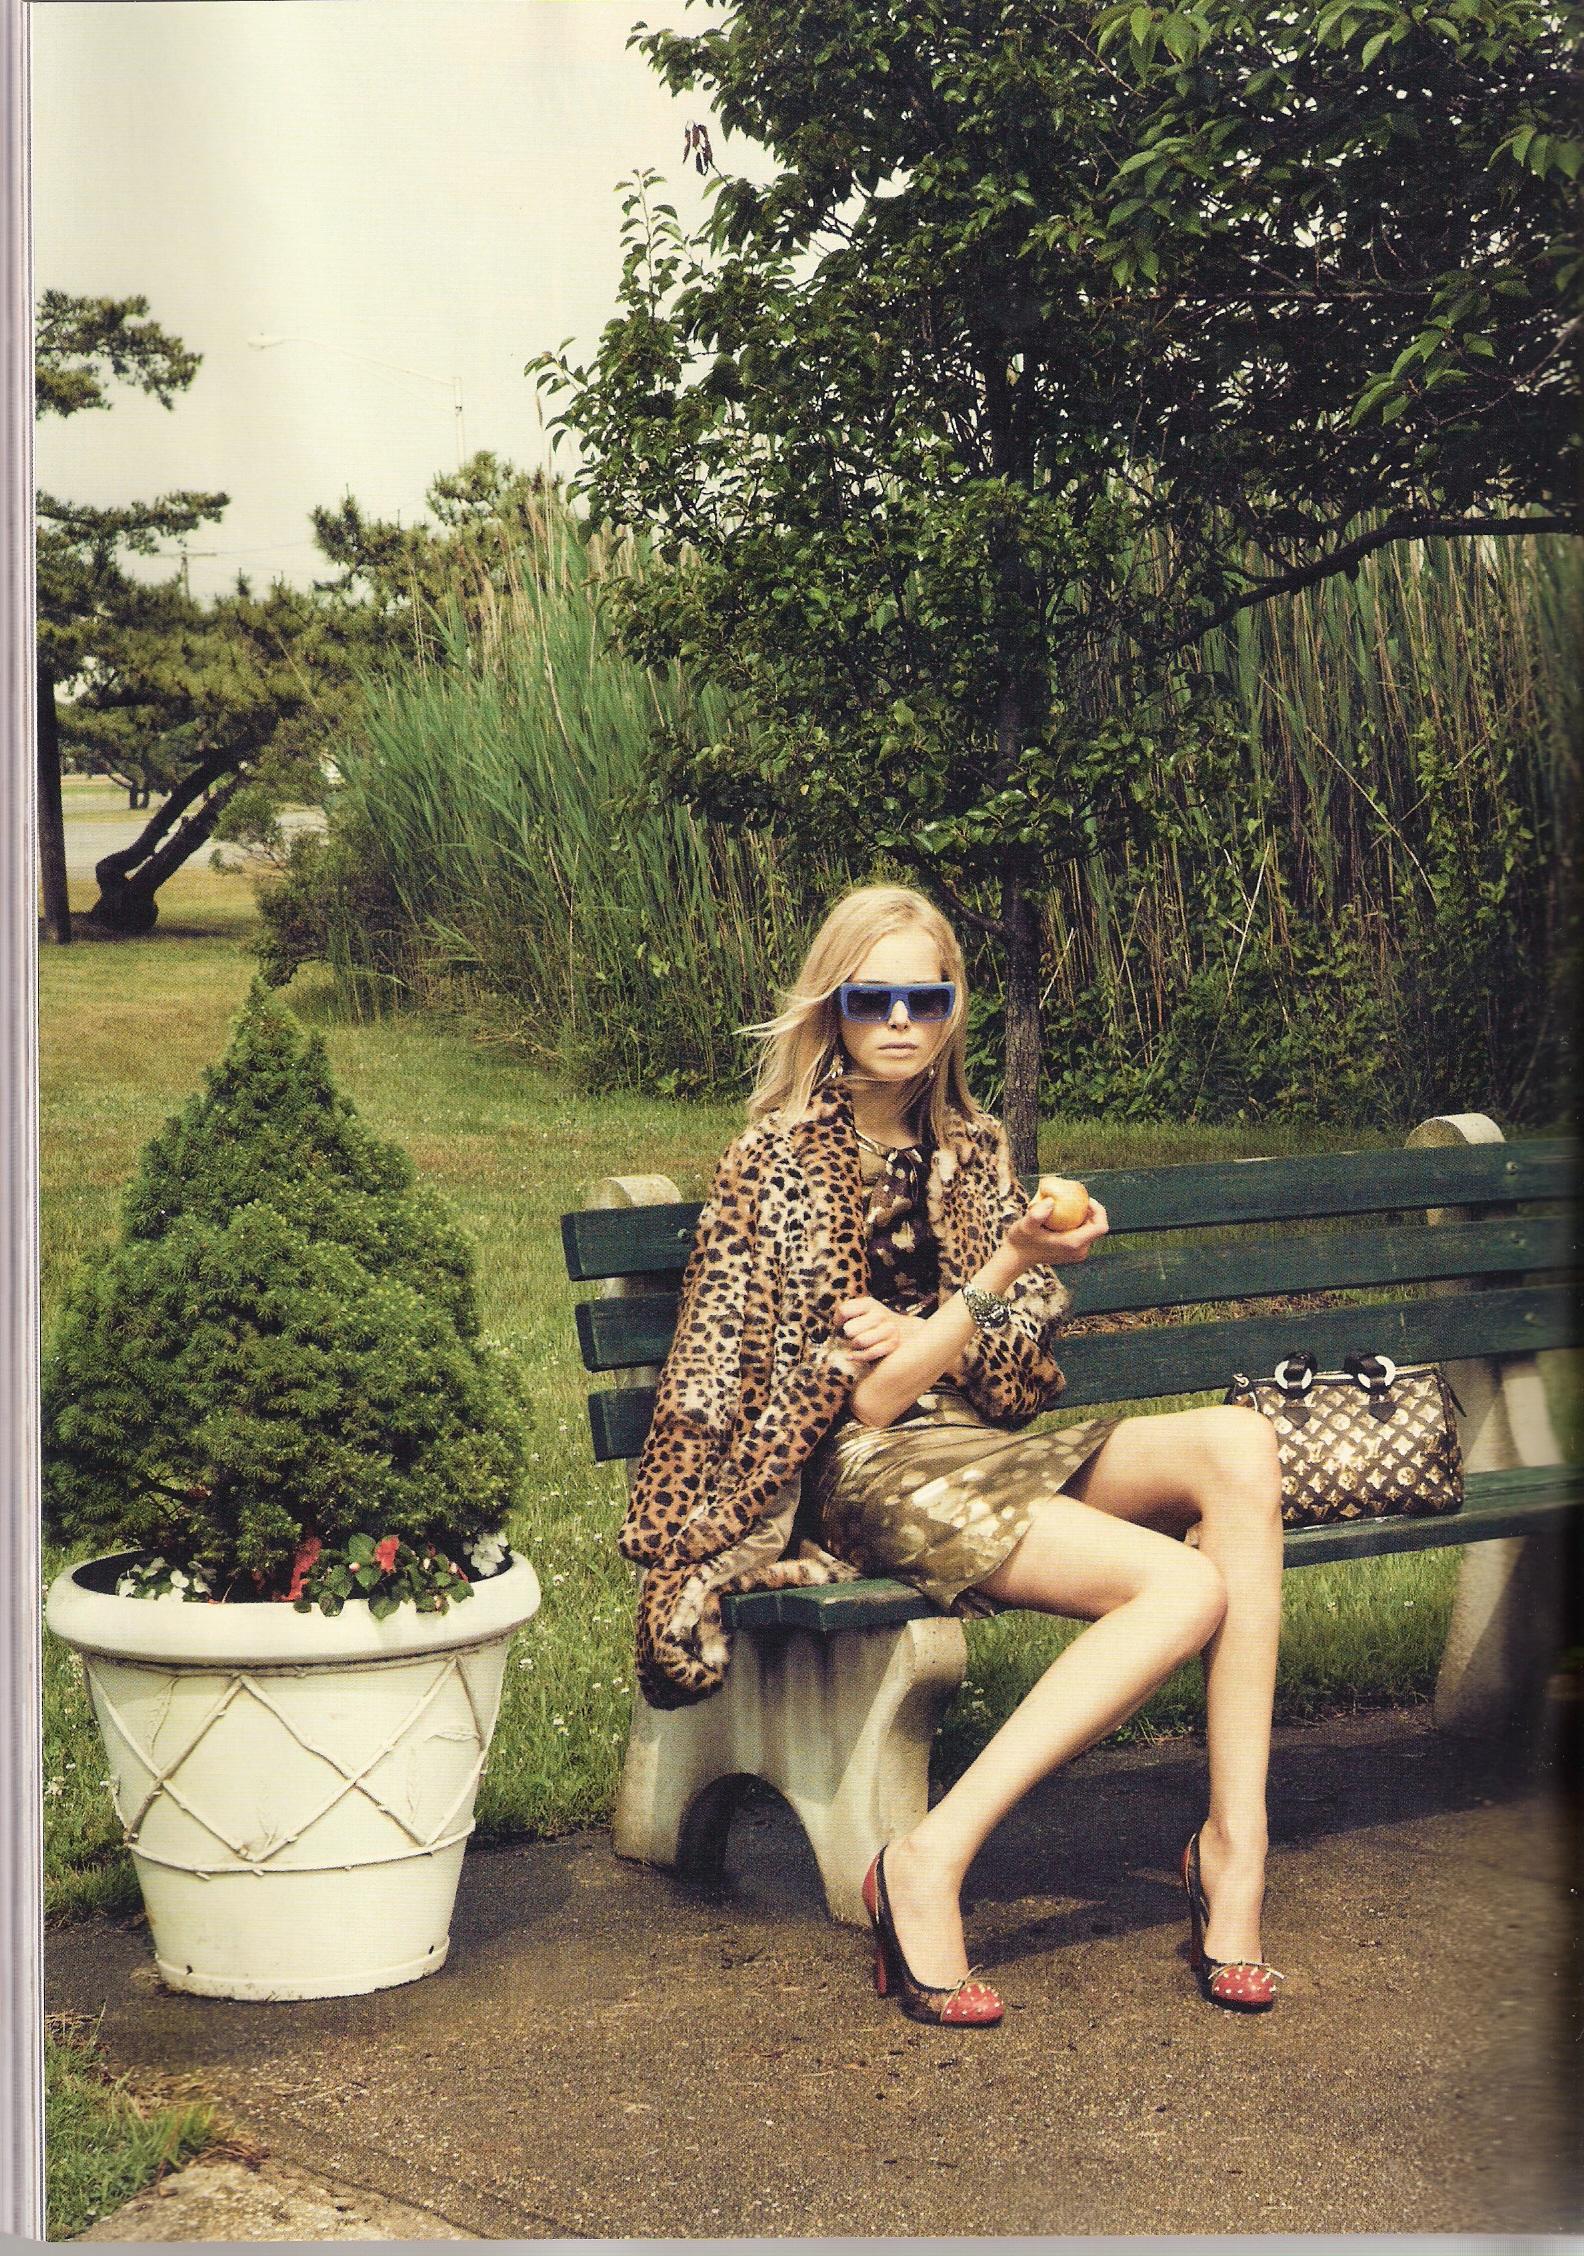 tanya vogue spain sept 09 leopard